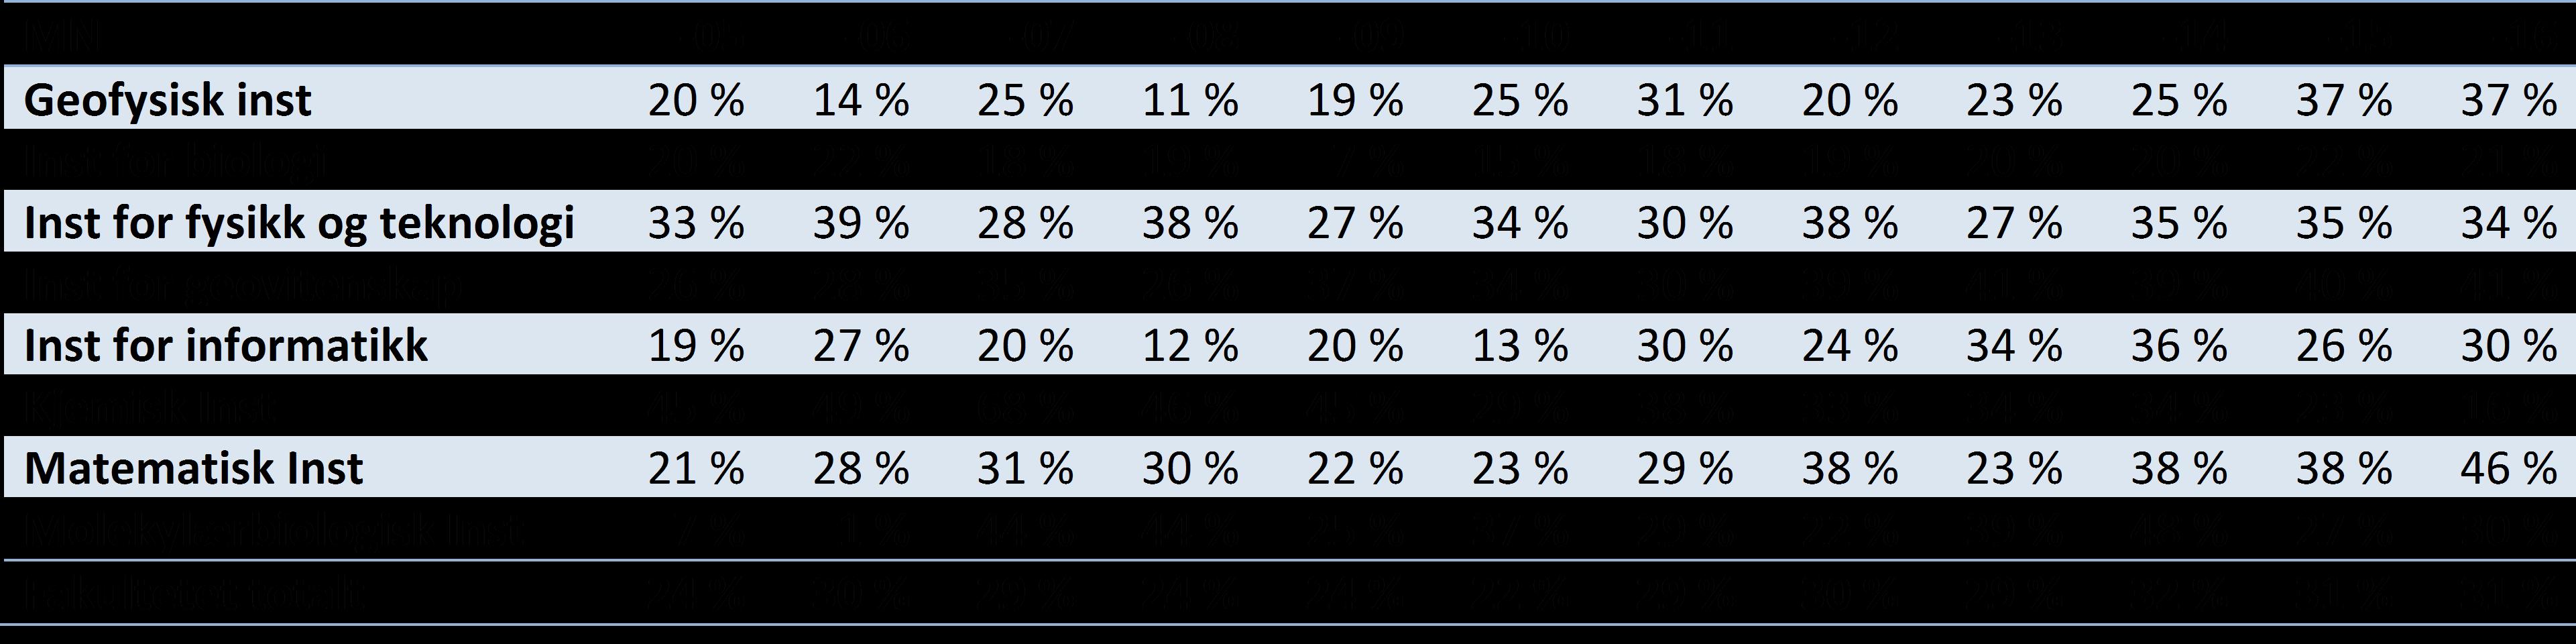 Tabell 4 Publikasjonsandeler på nivå 2 per institutt for Det matematisk-naturvitenskapelige fakultet UiB, 2005-2016 (DBH).